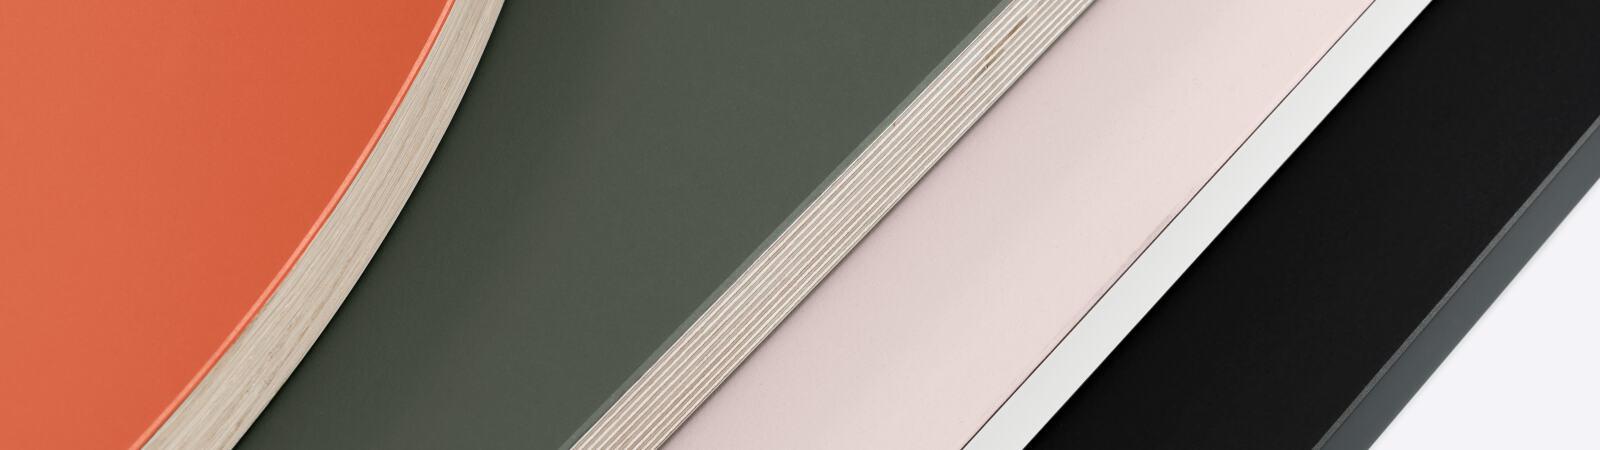 Tabletops, Linoleum Table Top, Lino Table Top, Custom model, Custom linoleum table tops